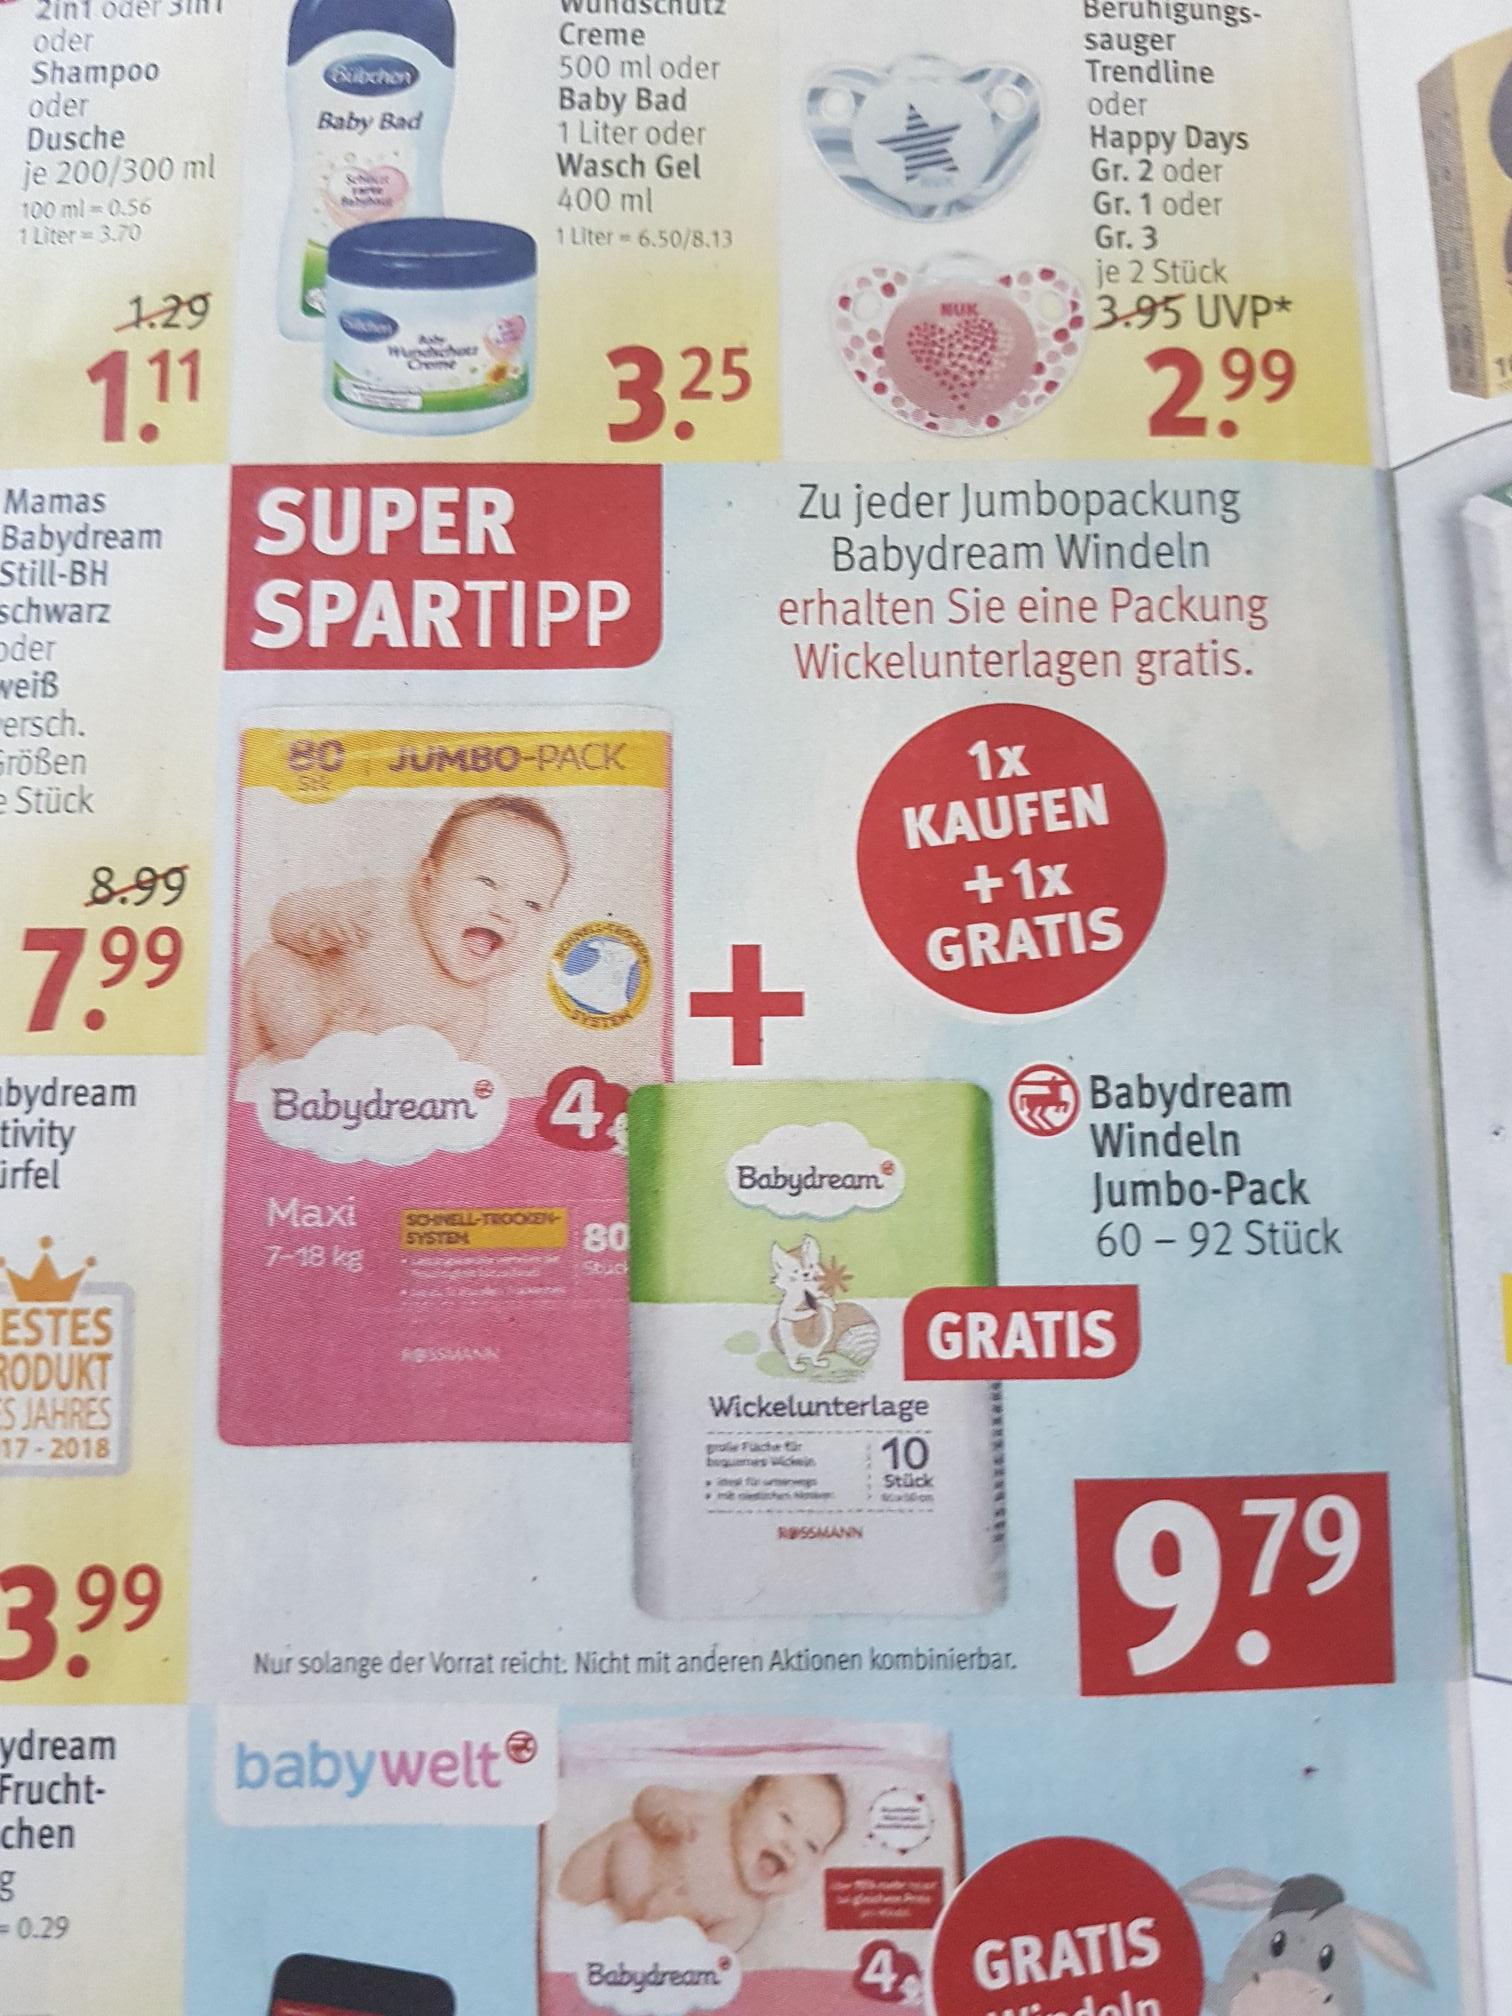 [Rossmann] Gratis Wickelunterlagen beim Kauf von Babydream  Windeln